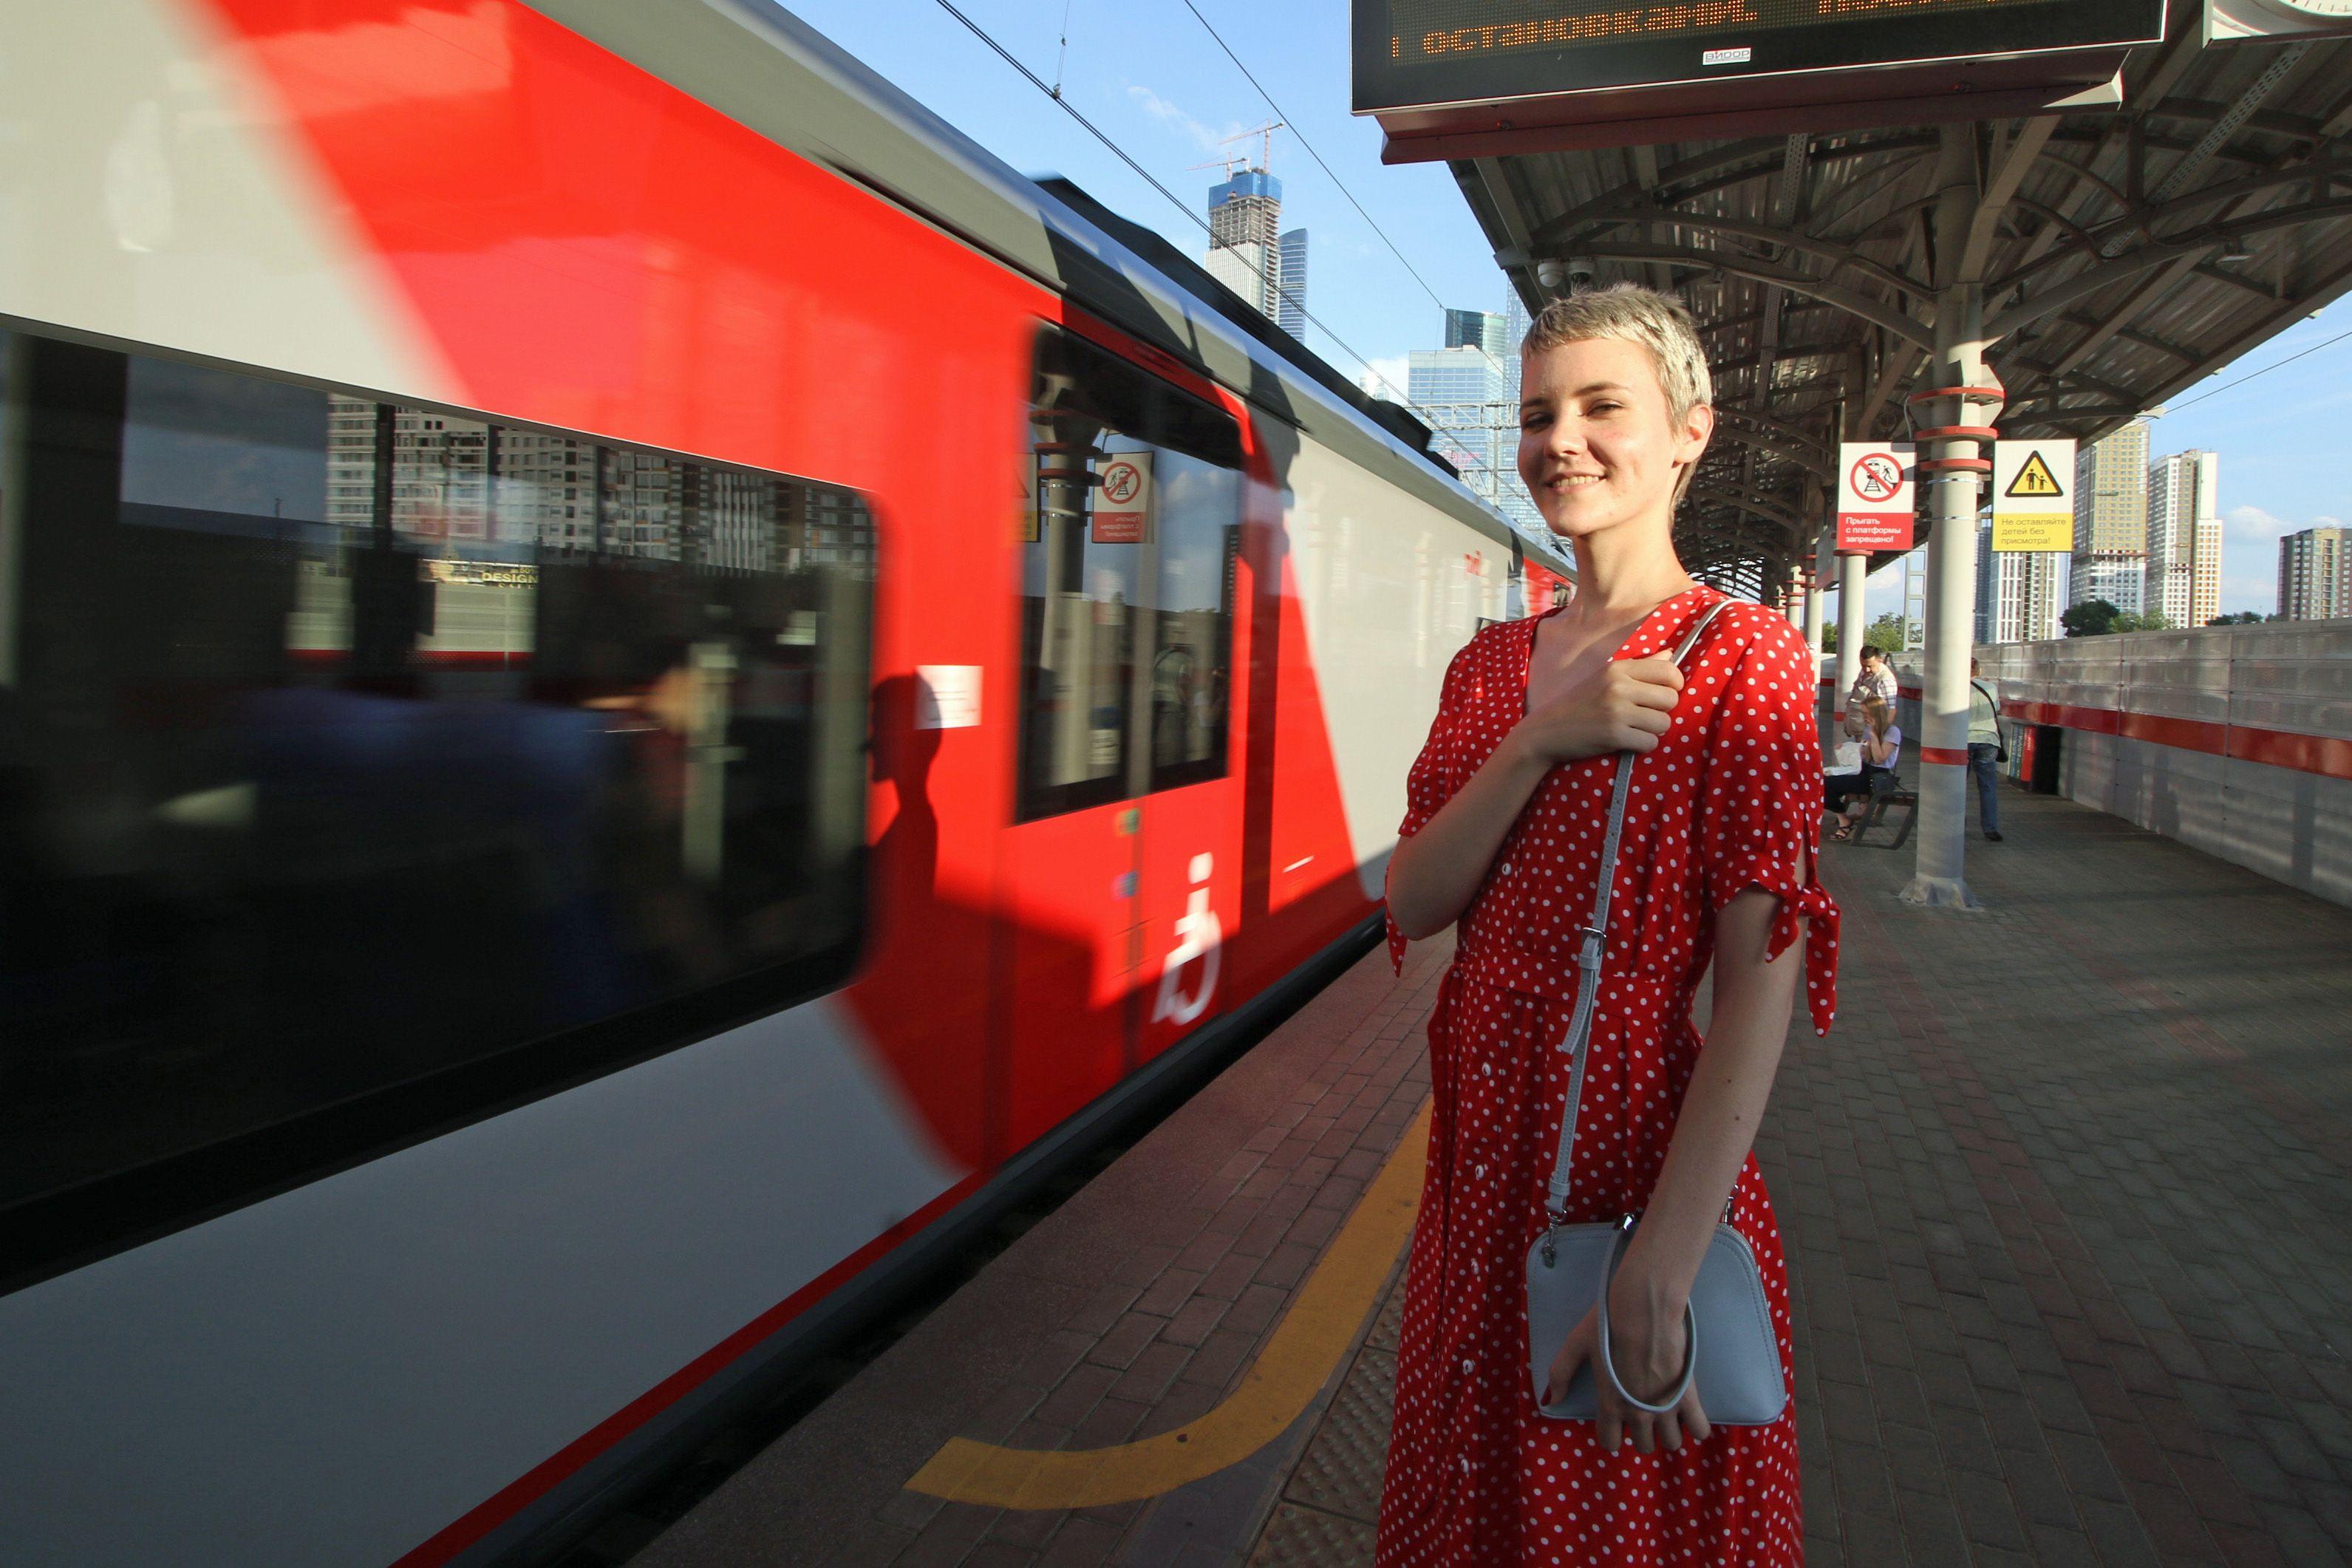 МЦК соединят со всеми железными дорогами до 2020 года